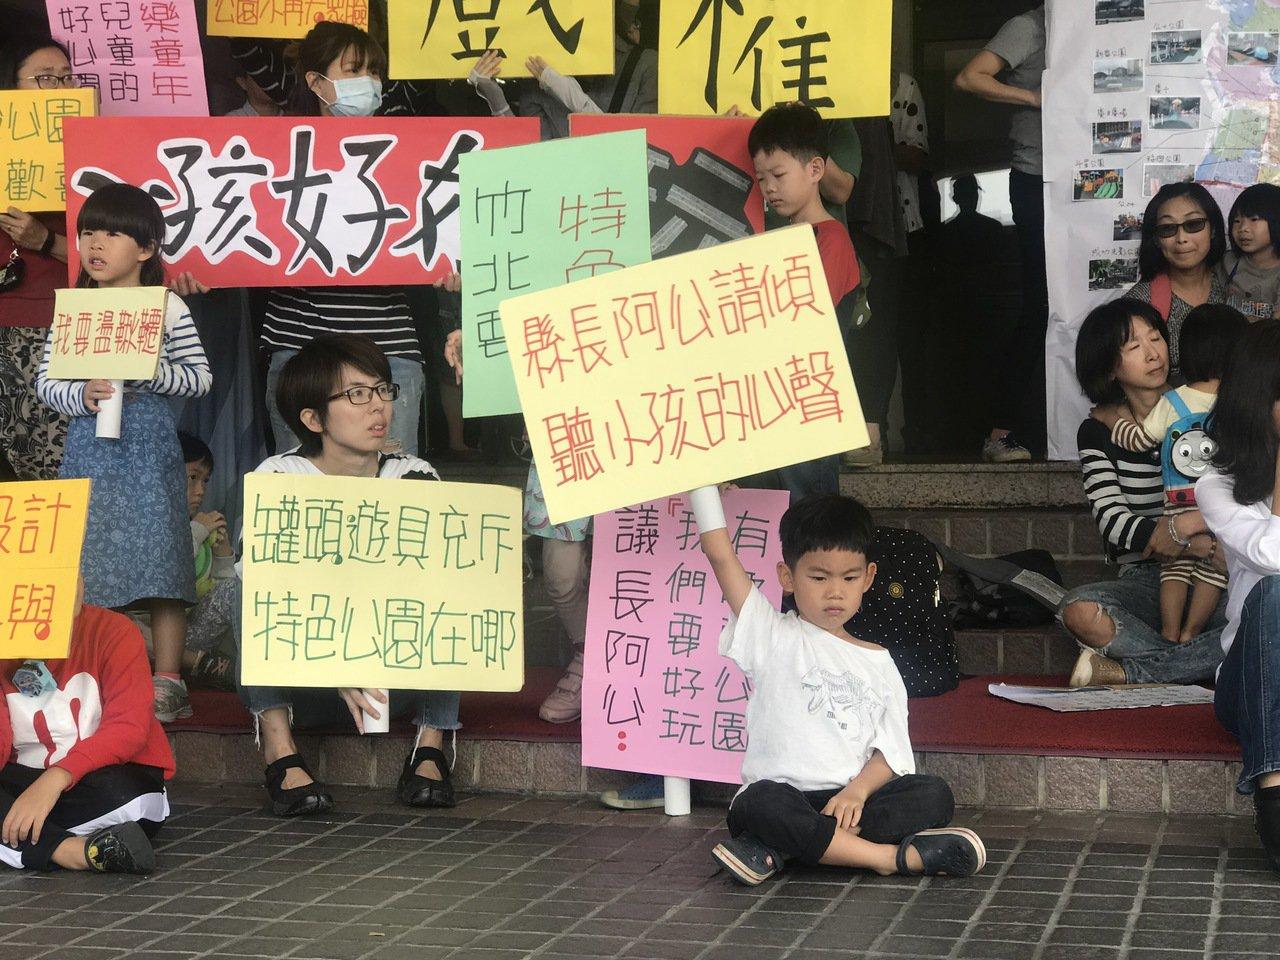 「縣長阿公請傾聽小孩的聲音!」孩子們今天來到現場舉牌,表達心聲。記者郭政芬/攝影